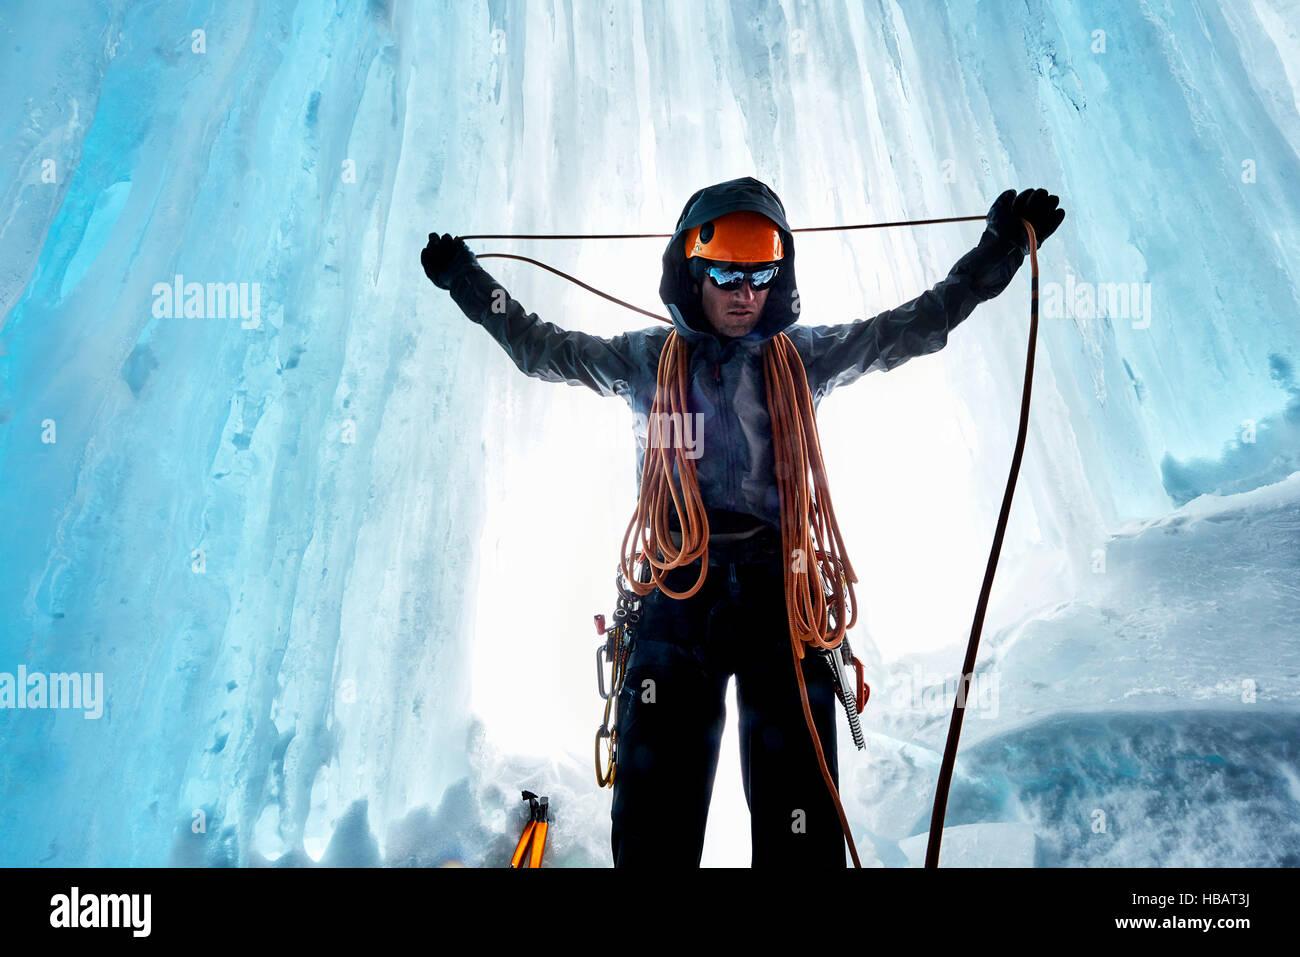 L uomo nella caverna di ghiaccio preparazione arrampicata corda, Saas Fee, Svizzera Immagini Stock